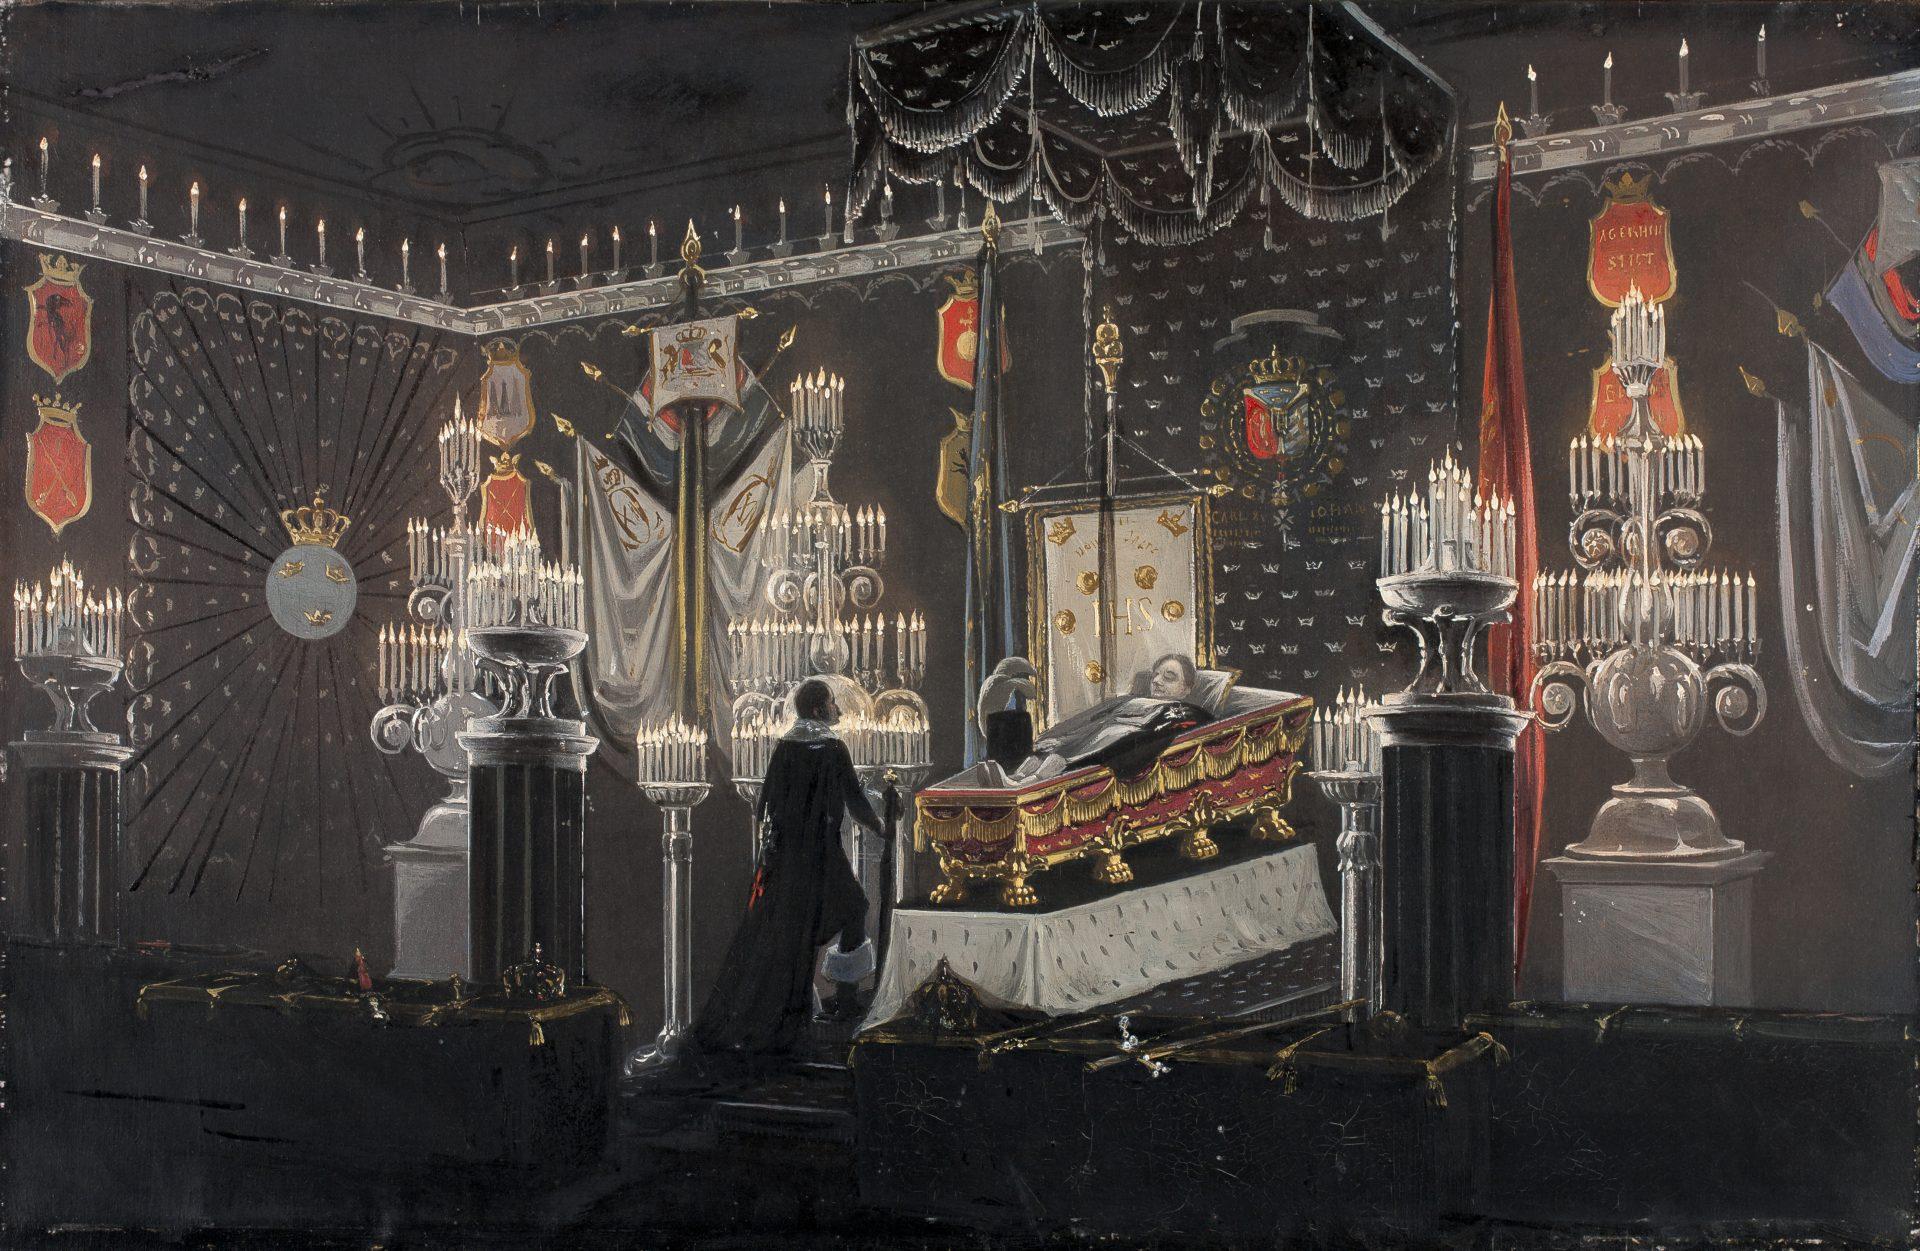 Målning av ett mörkt rum med en likkista och en man i slängkappa som sörjer.